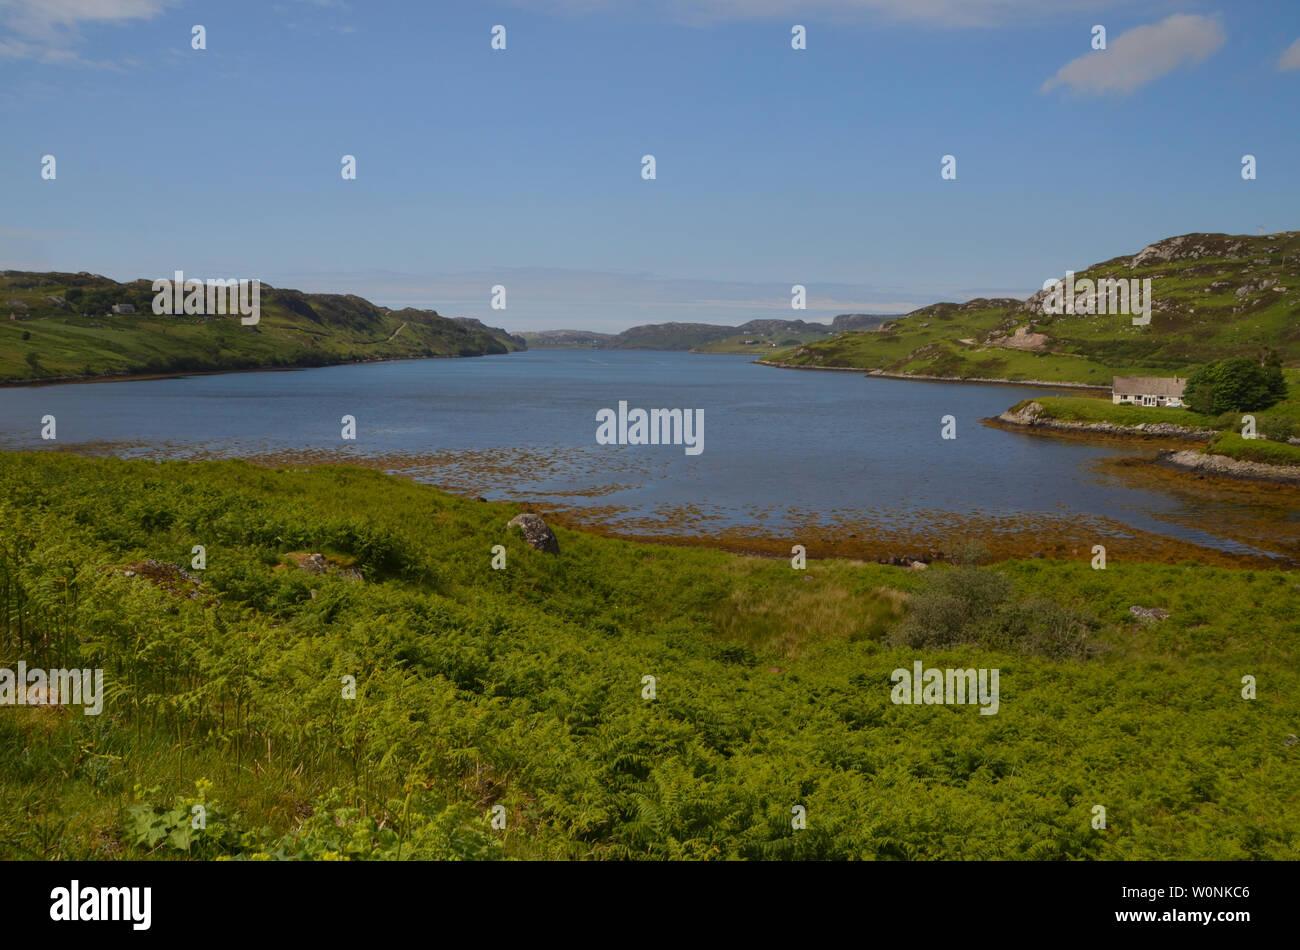 Loch Inchard, un loch costiere sulla costa ovest della Scozia, Regno Unito. Una delle attrazioni della Costa Nord 500 distanza lungo il percorso. Foto Stock